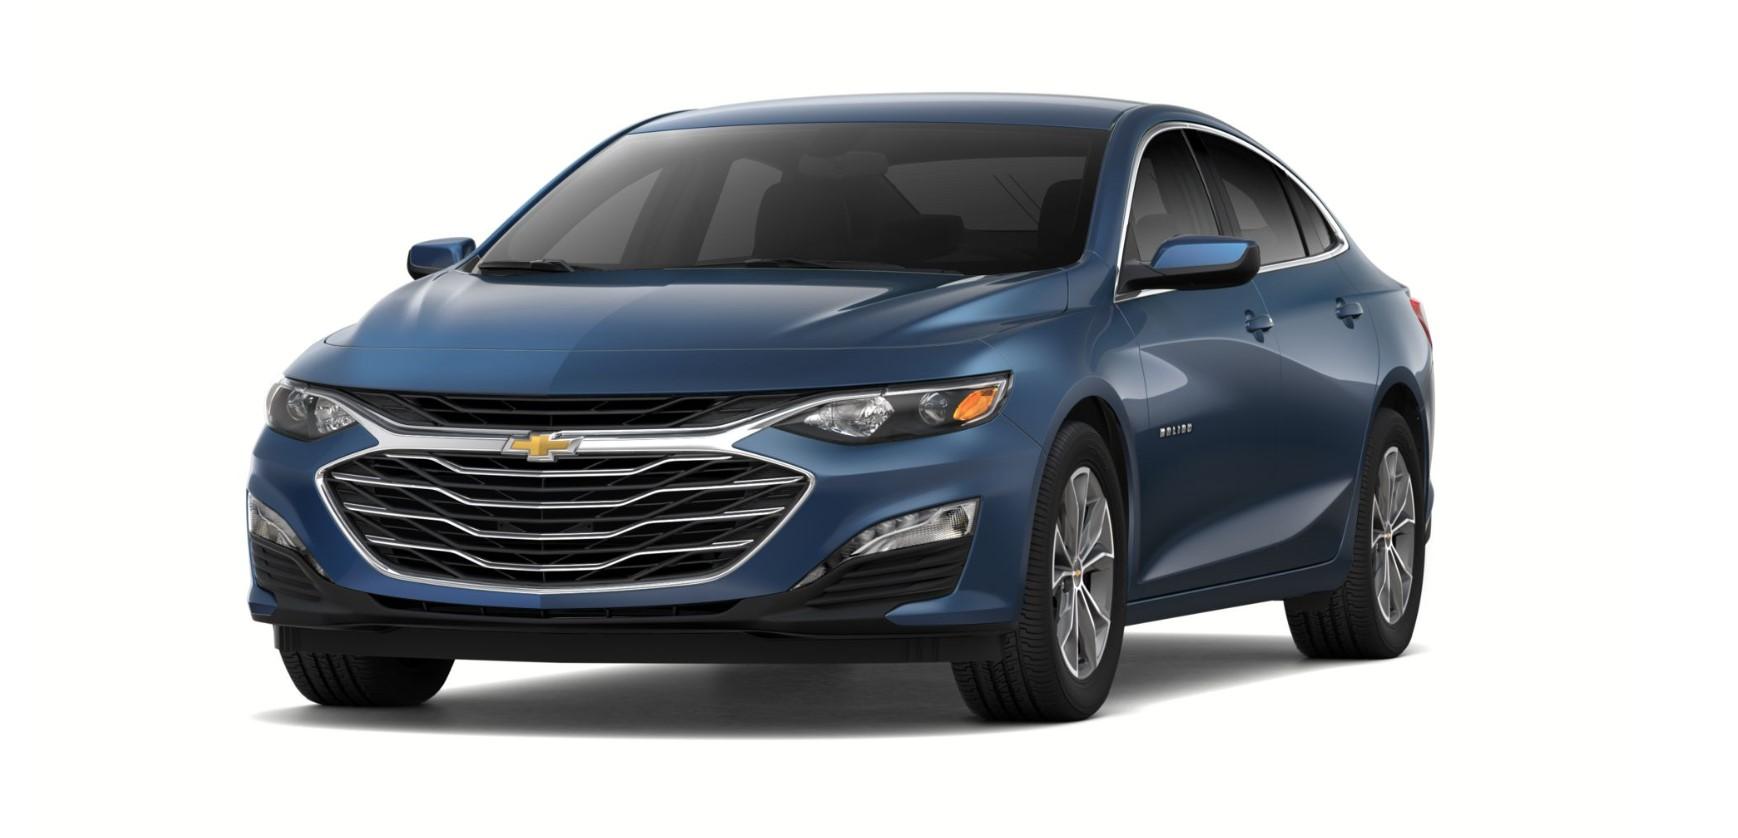 Kelebihan Chevrolet Lt Spesifikasi